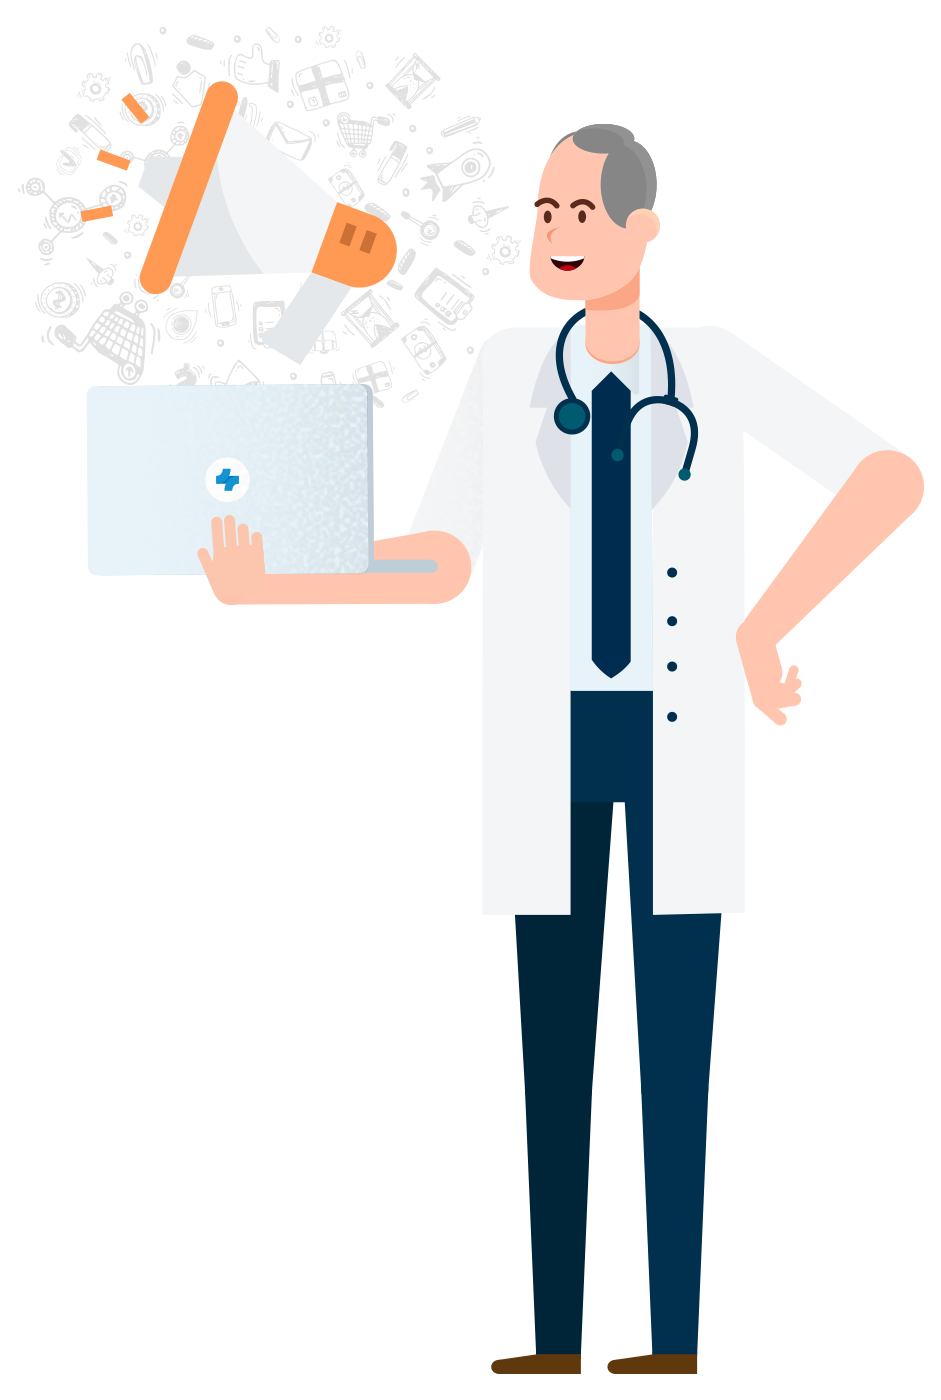 img-guia-pratico-marketing-digital-para-medicos